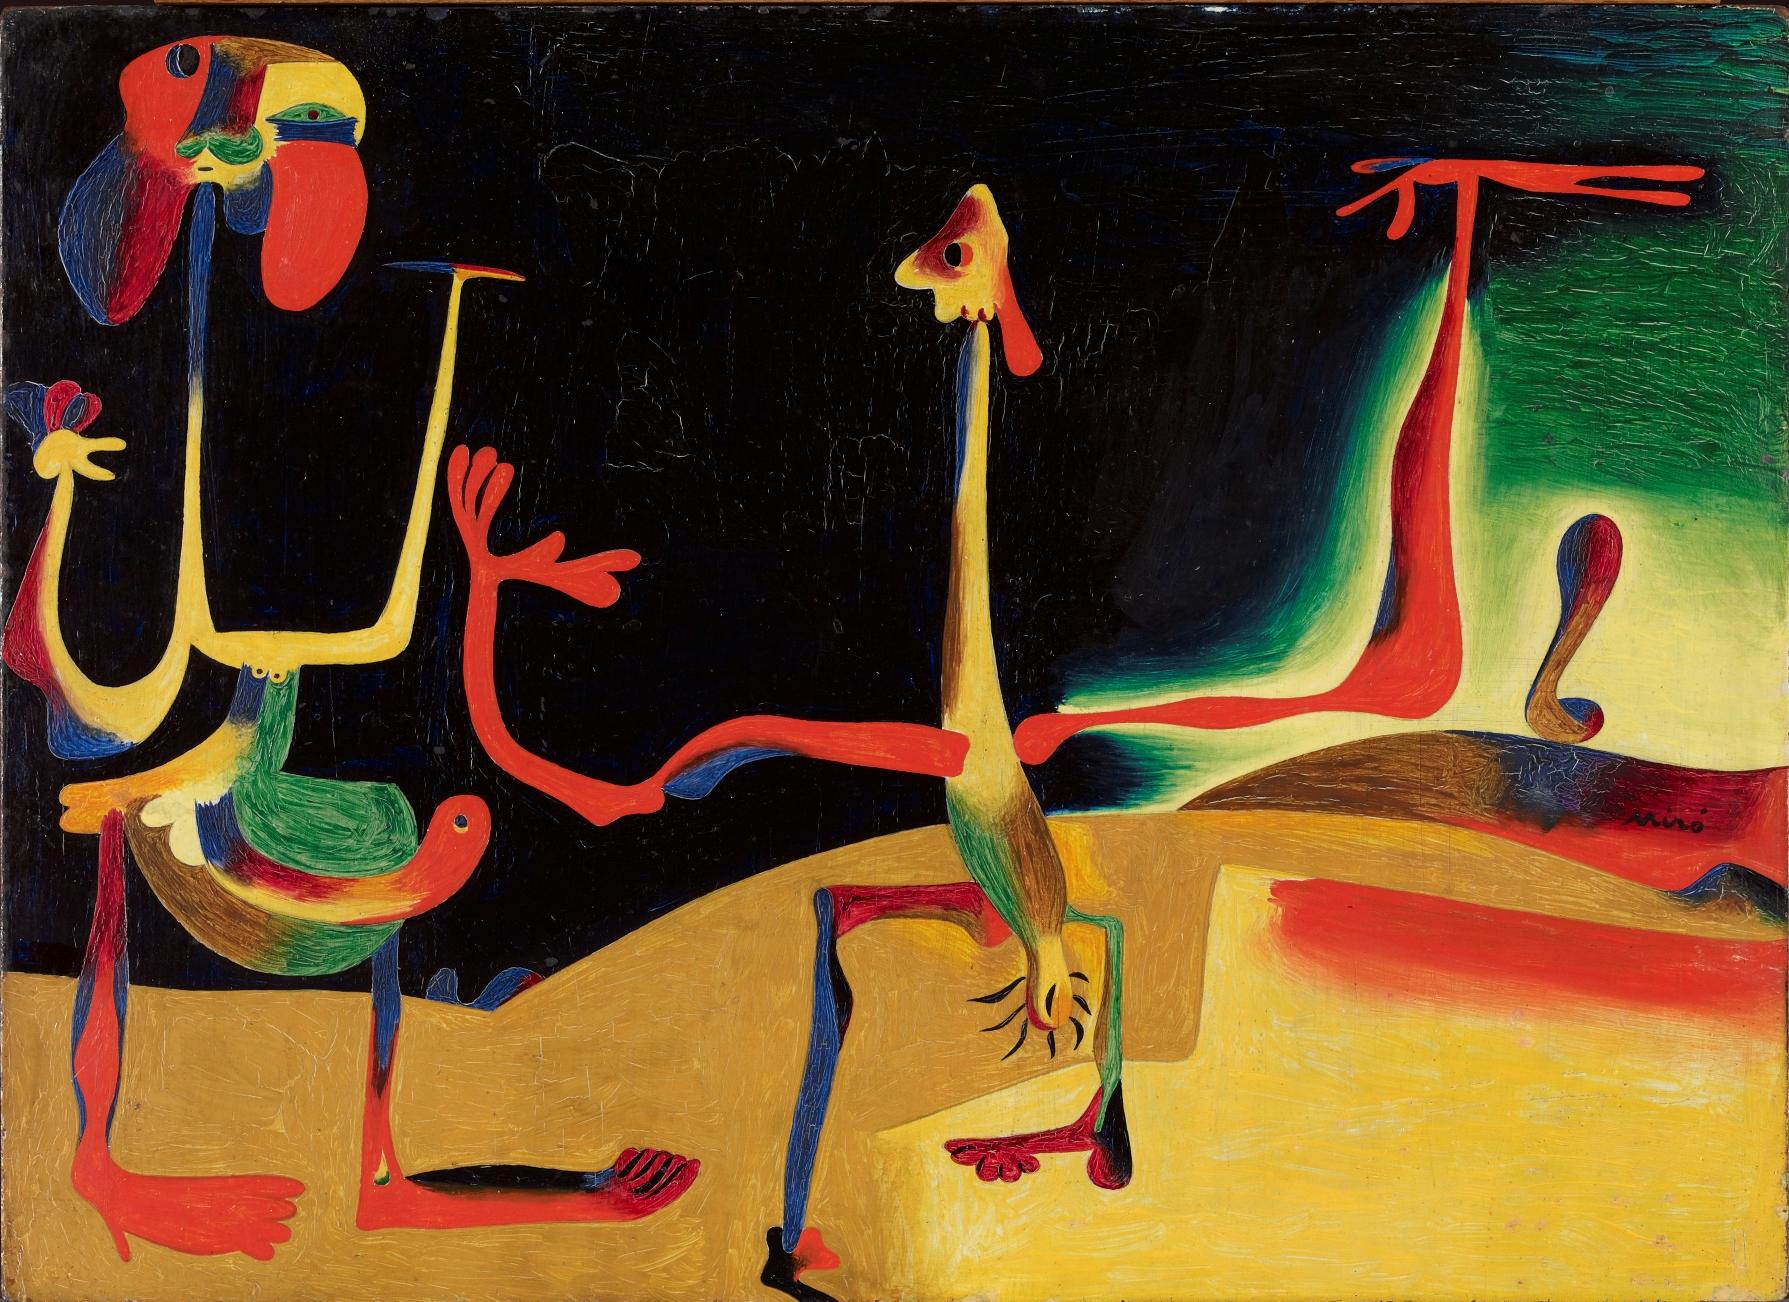 A Body as a Universe | General | Fundació Joan Miró